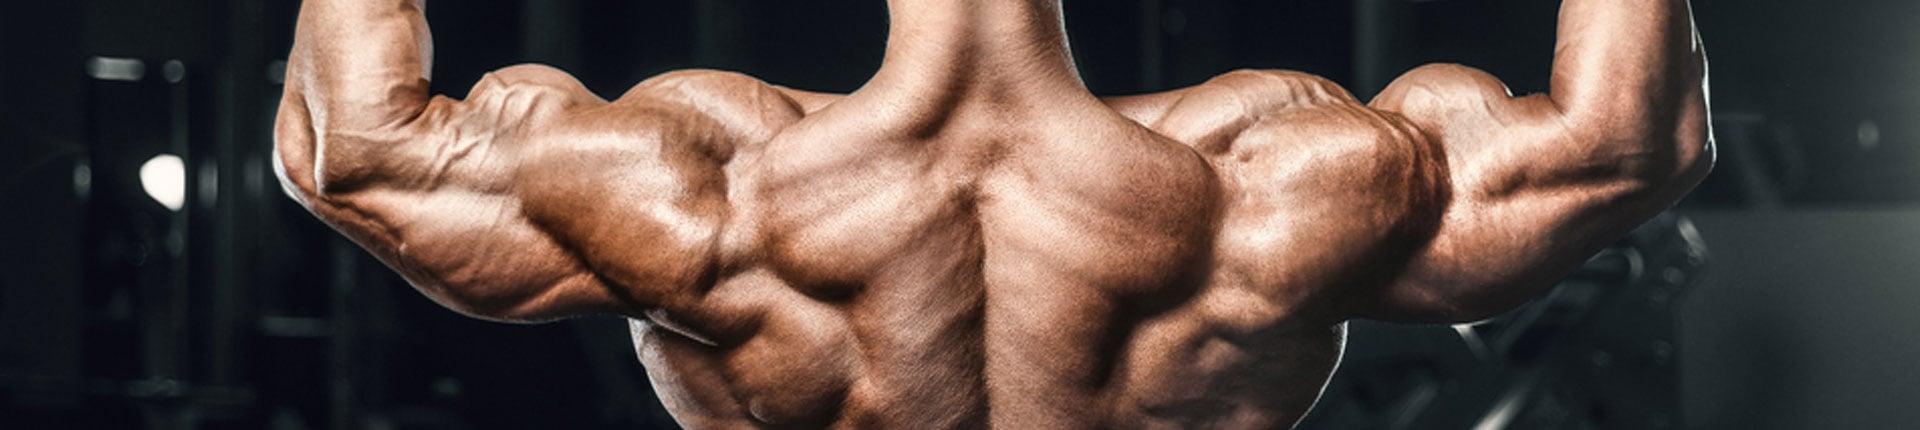 Jak rozbudować tylną część mięśni naramiennych? Ćwiczenia na tył barków